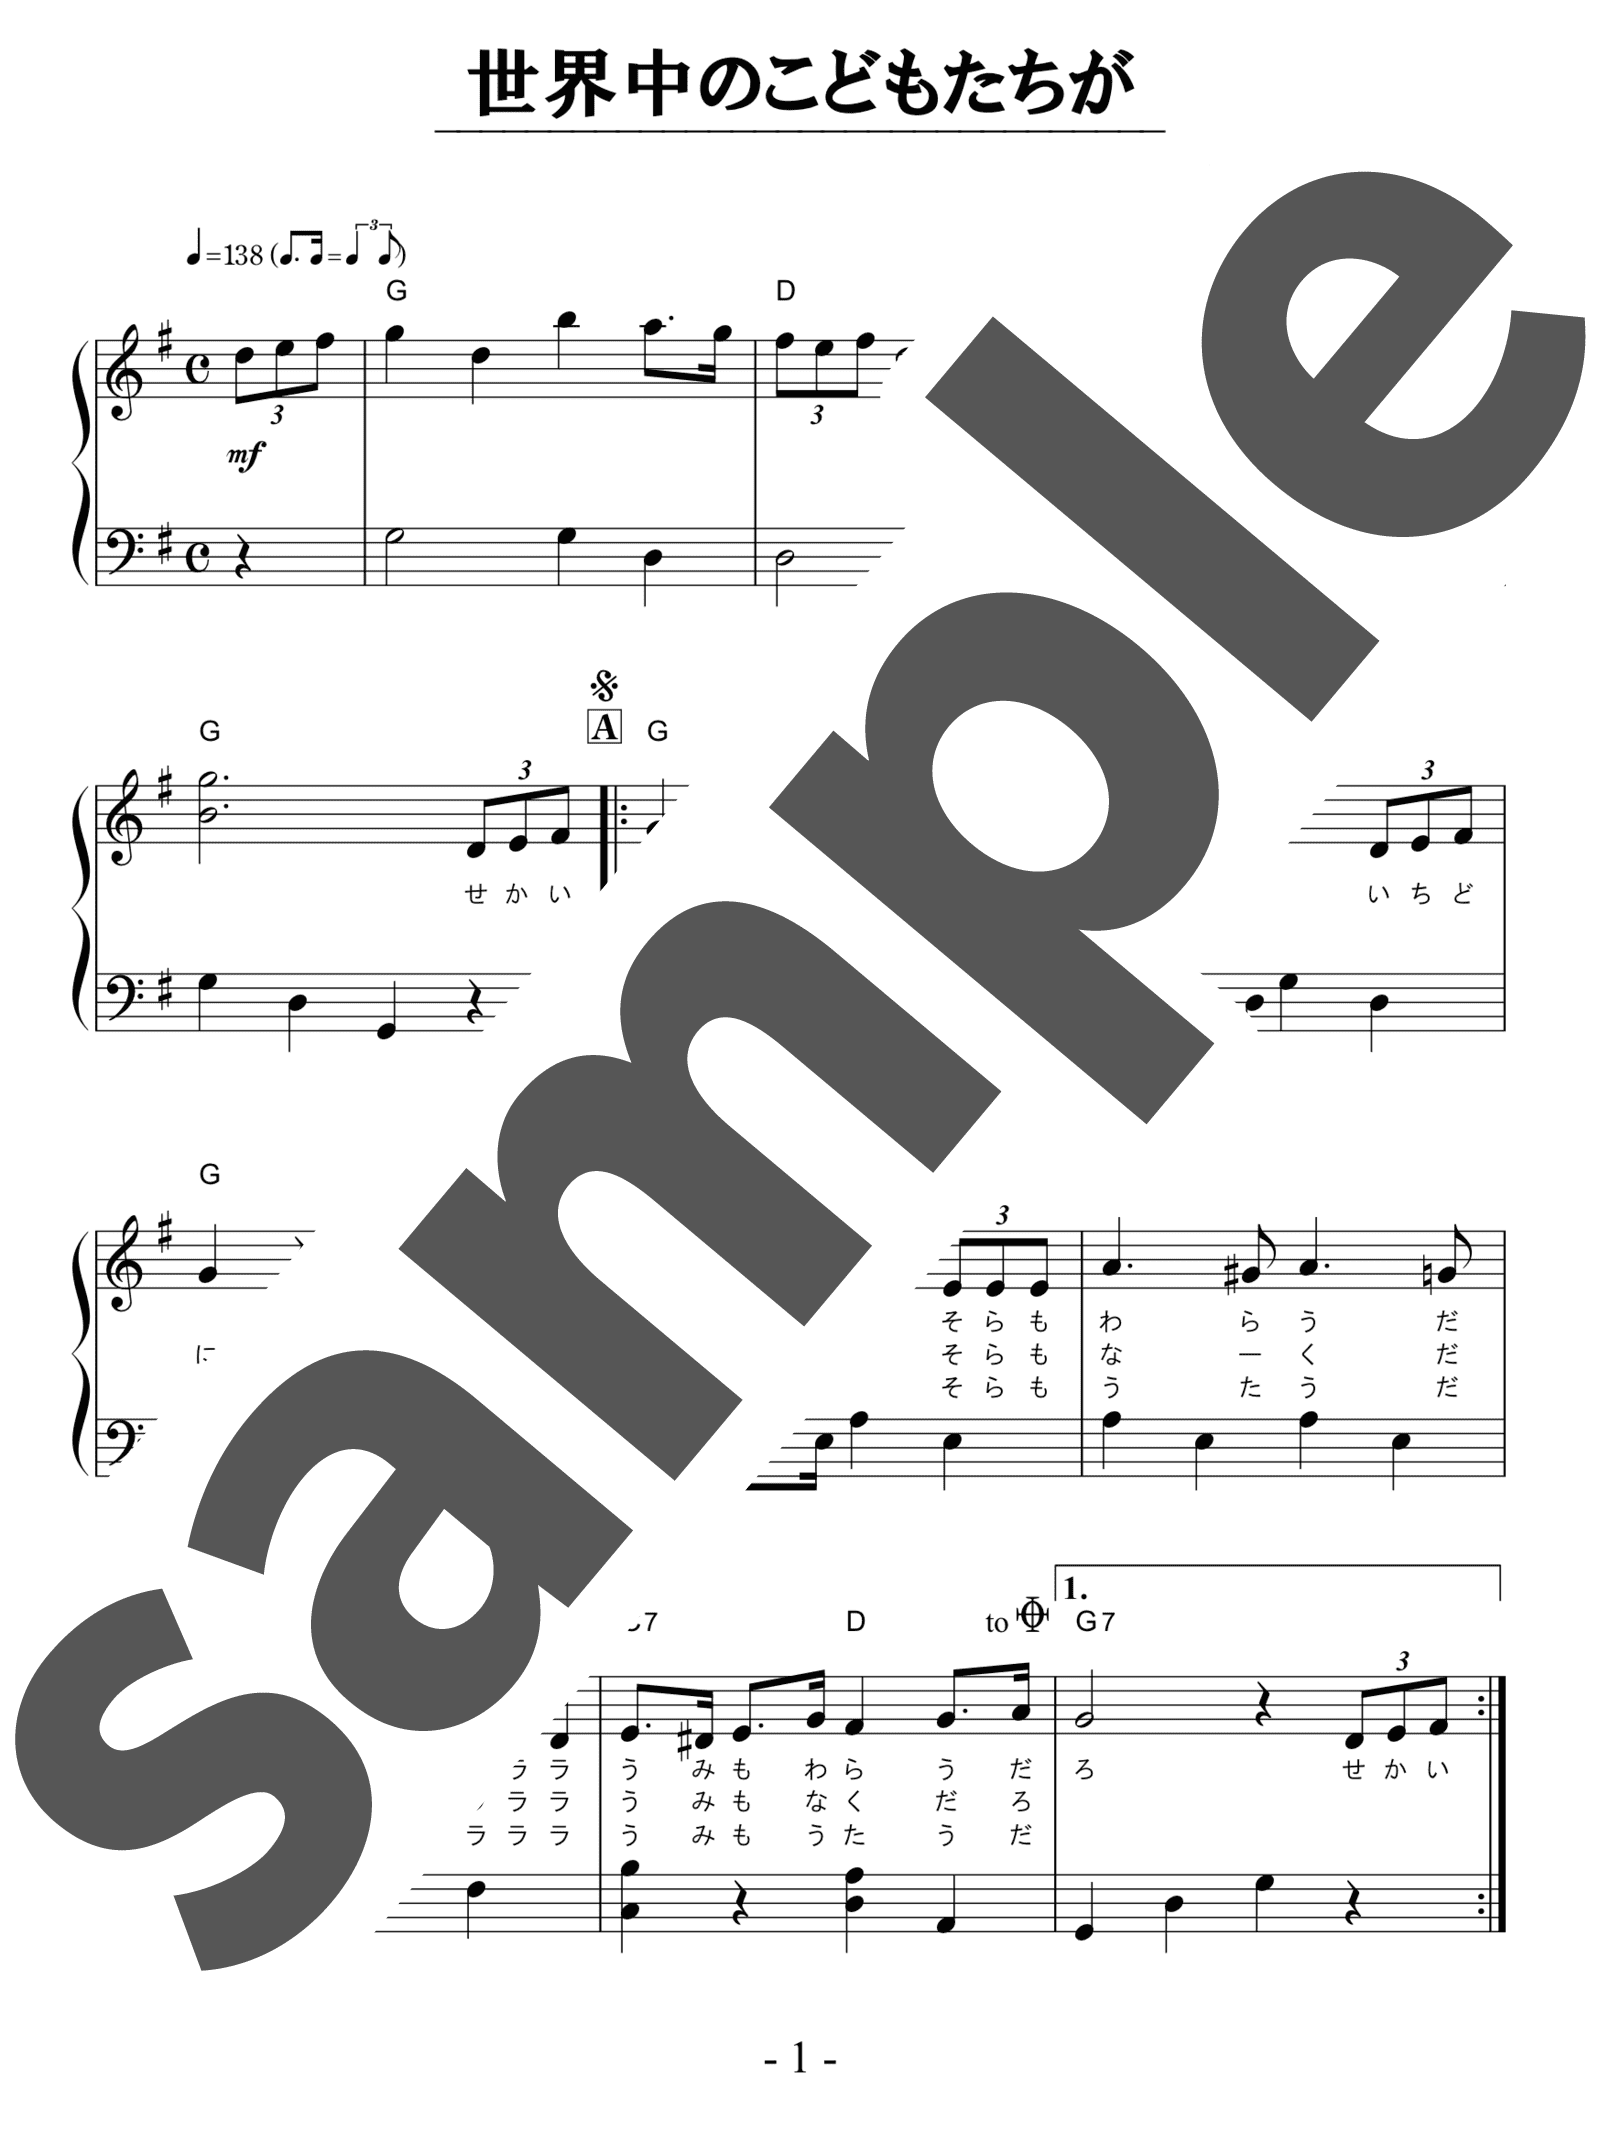 「世界中のこどもたちが」のサンプル楽譜